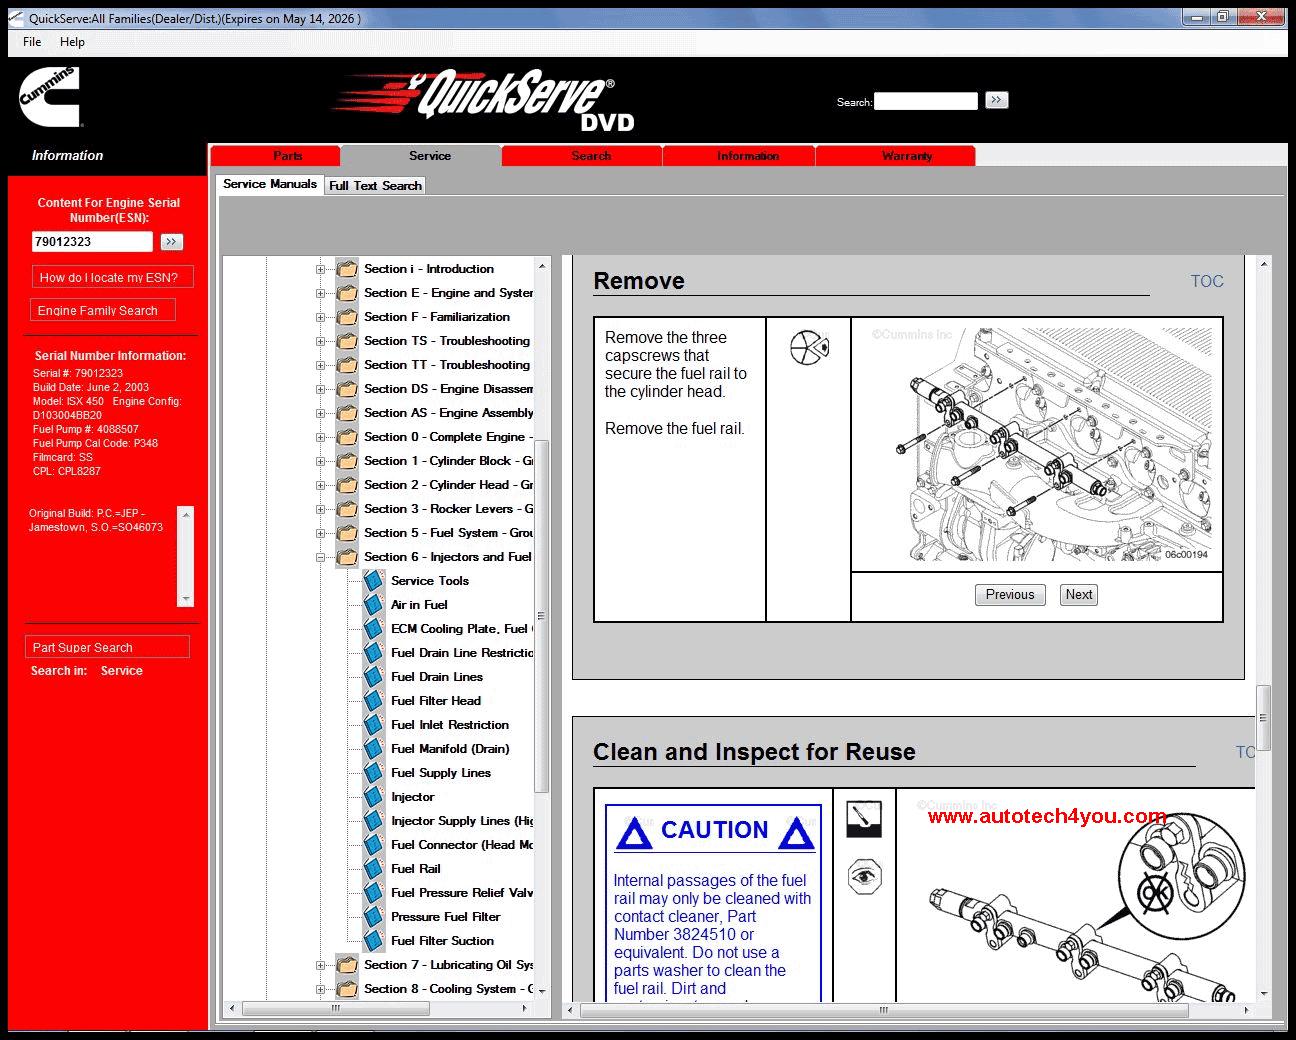 cummins quickserve engines service spare parts catalog rh eng motors blogspot com QSK78 Cummins Cummins QSK